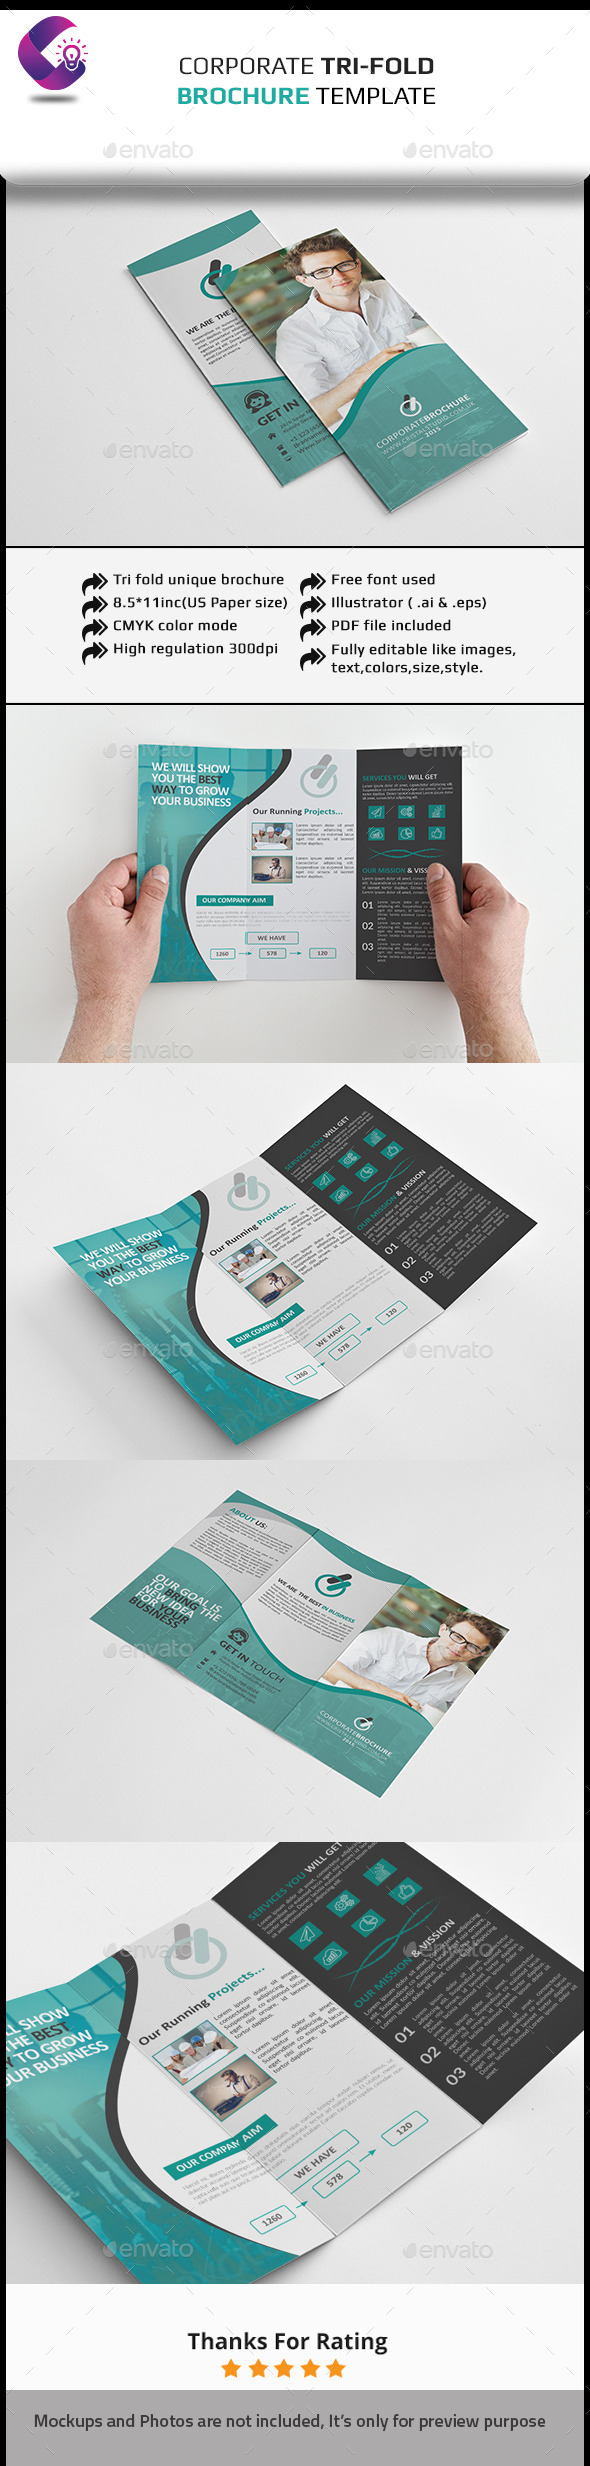 Corporate Tri-fold Brochure-Multipurpose - Corporate Brochures